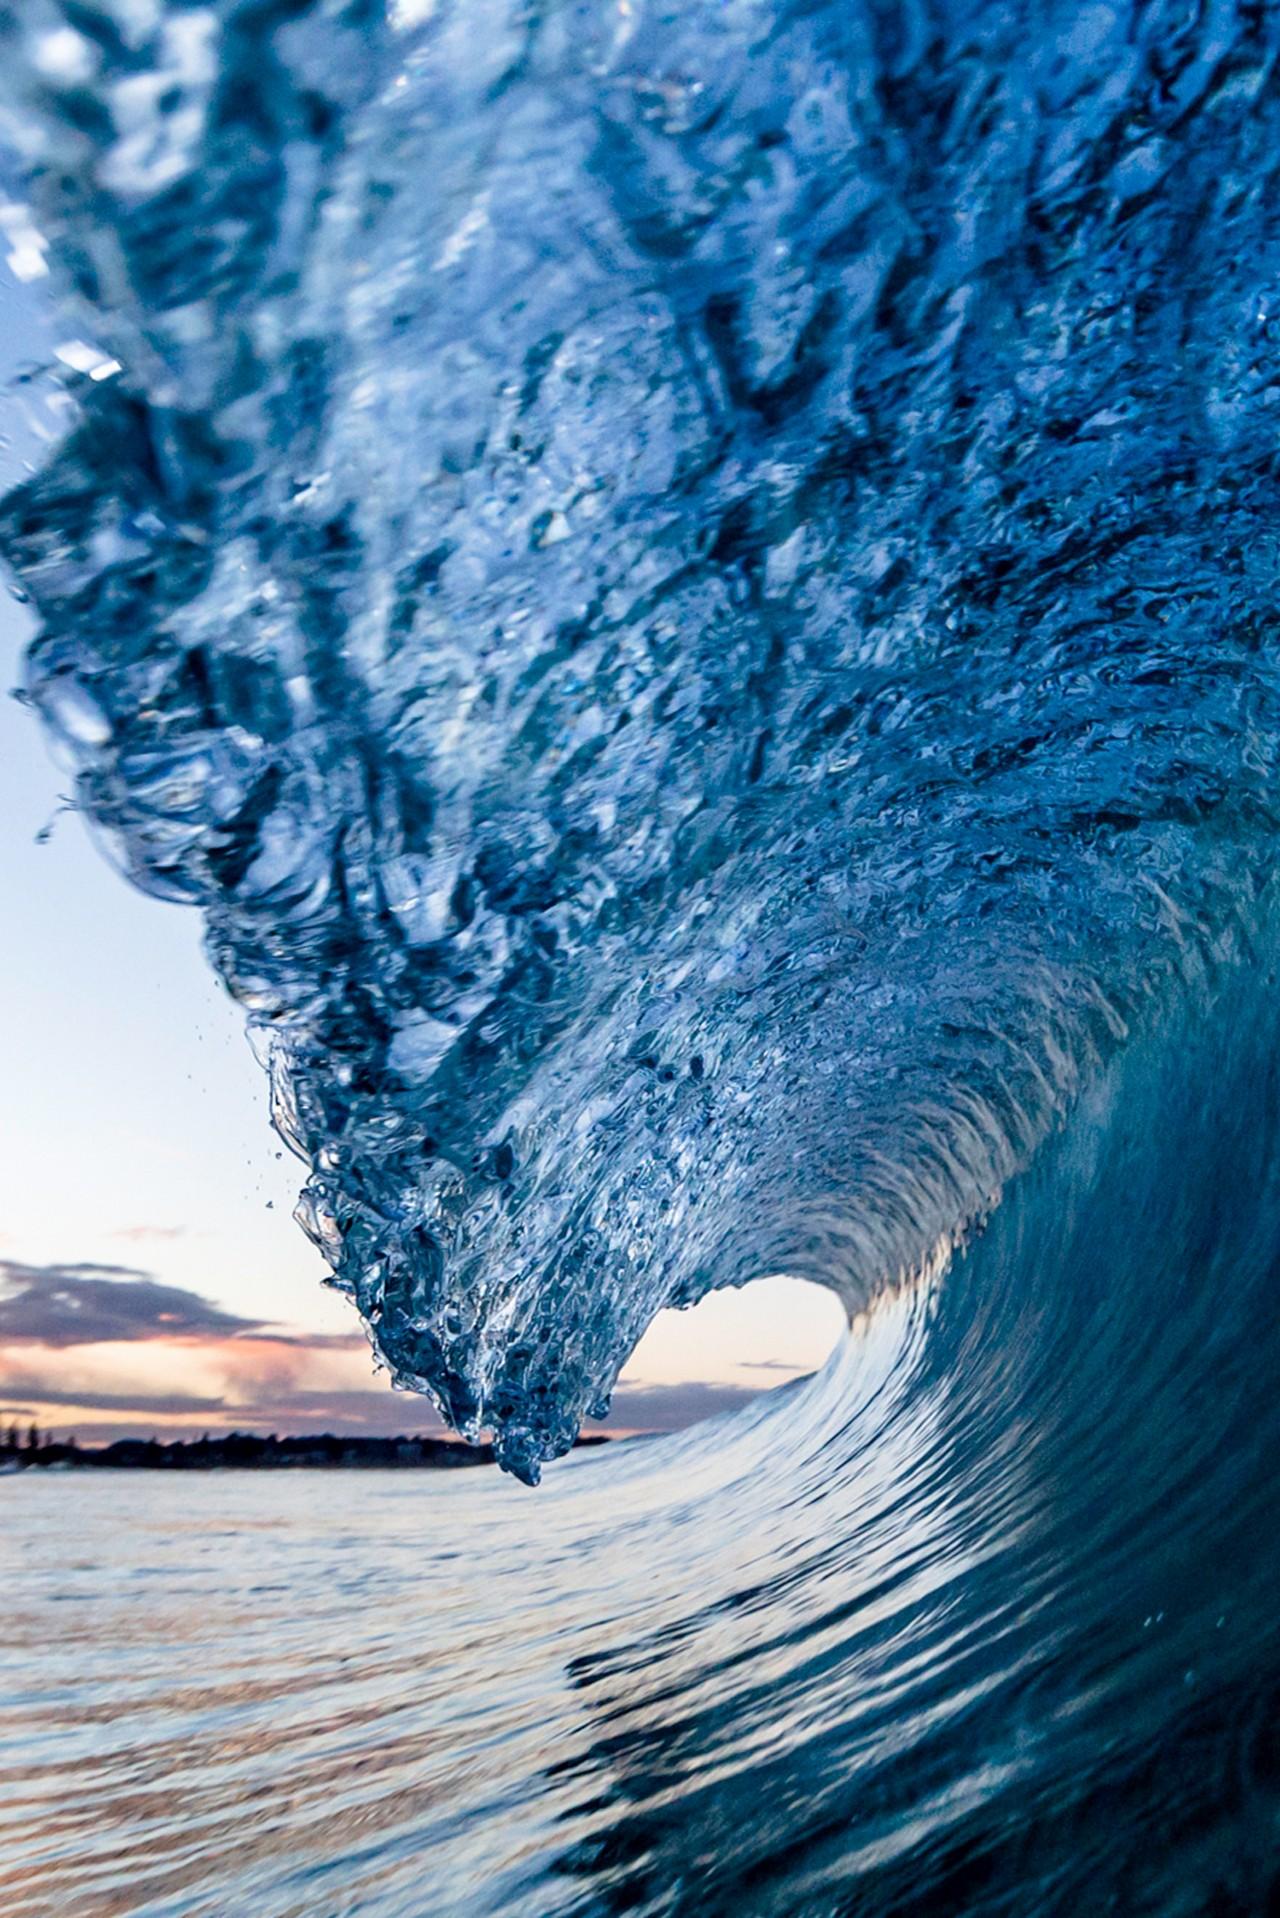 Sfondi Mare Acqua Cielo Calma Blu Onde Artico Congelamento